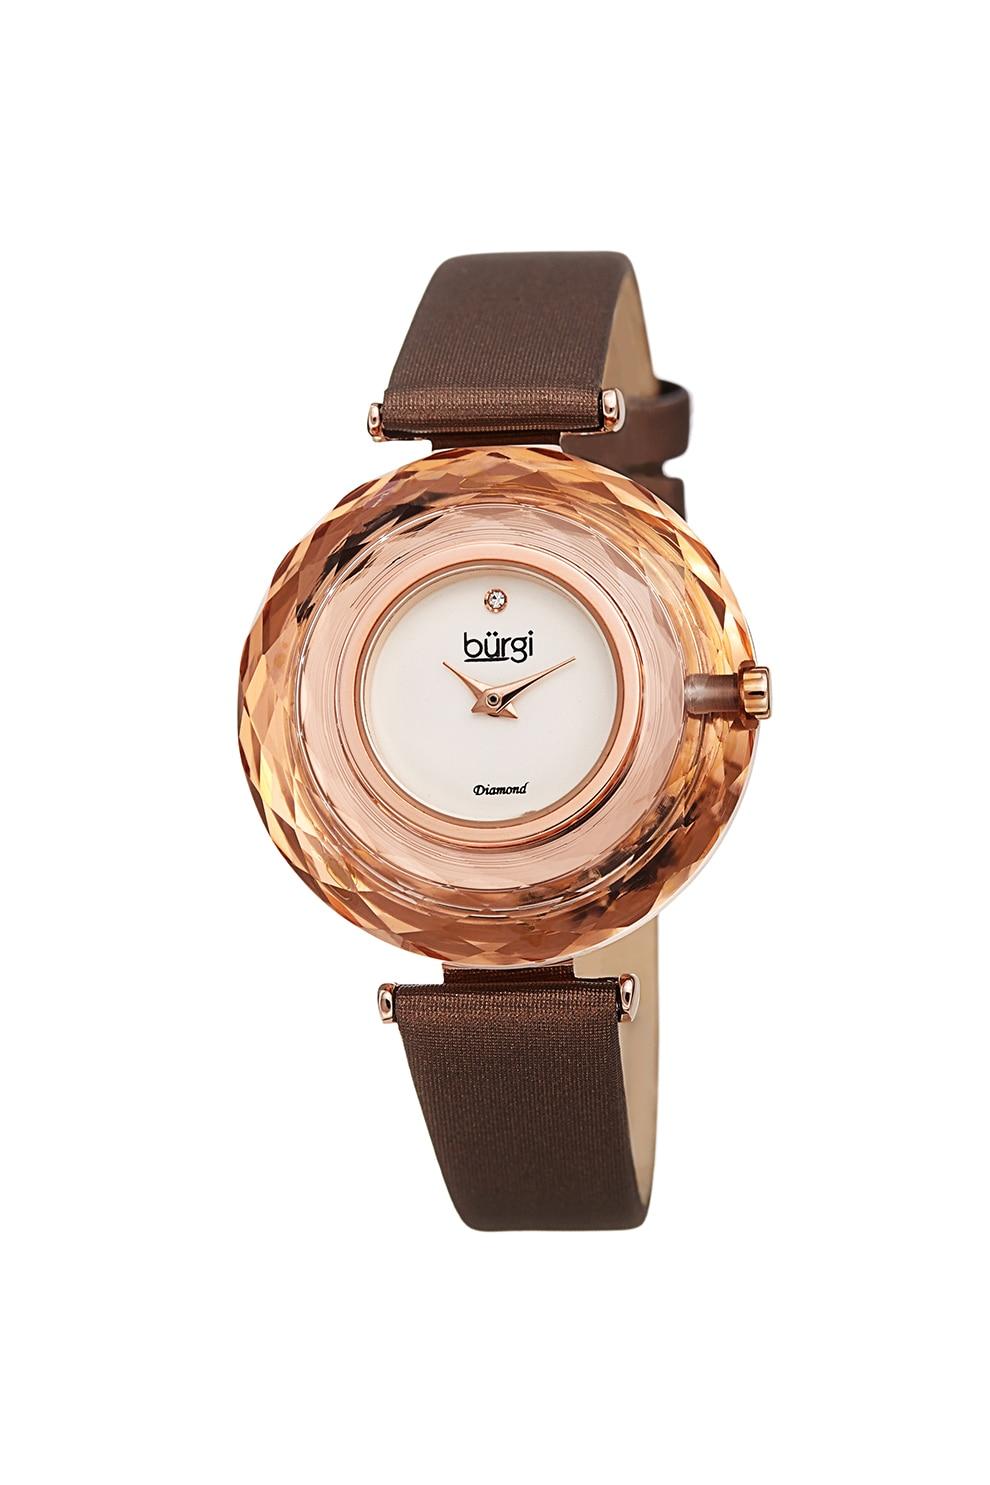 Fotografie BURGI, Ceas cu o curea din piele, aspect satinat si diamante pe cadran, Maro/Auriu rose